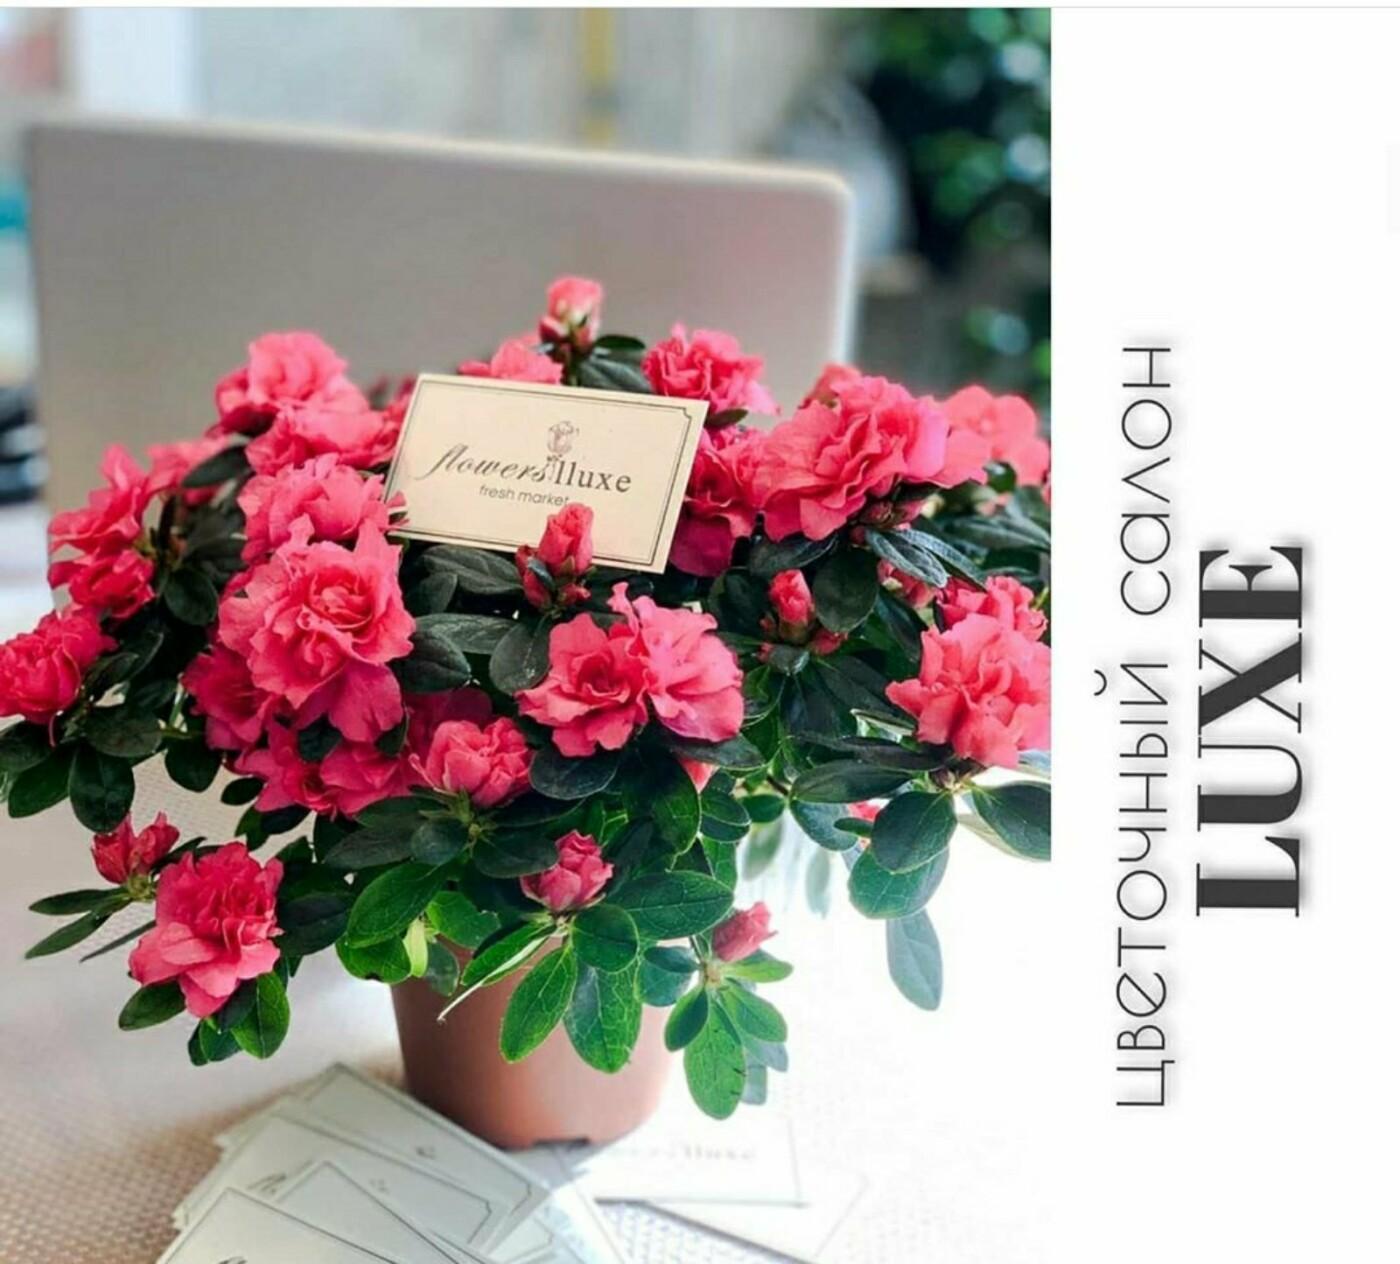 Что подарить парню на 14 февраля? Что подарить девушке на День влюбленных? 9 лучших идей  , фото-4